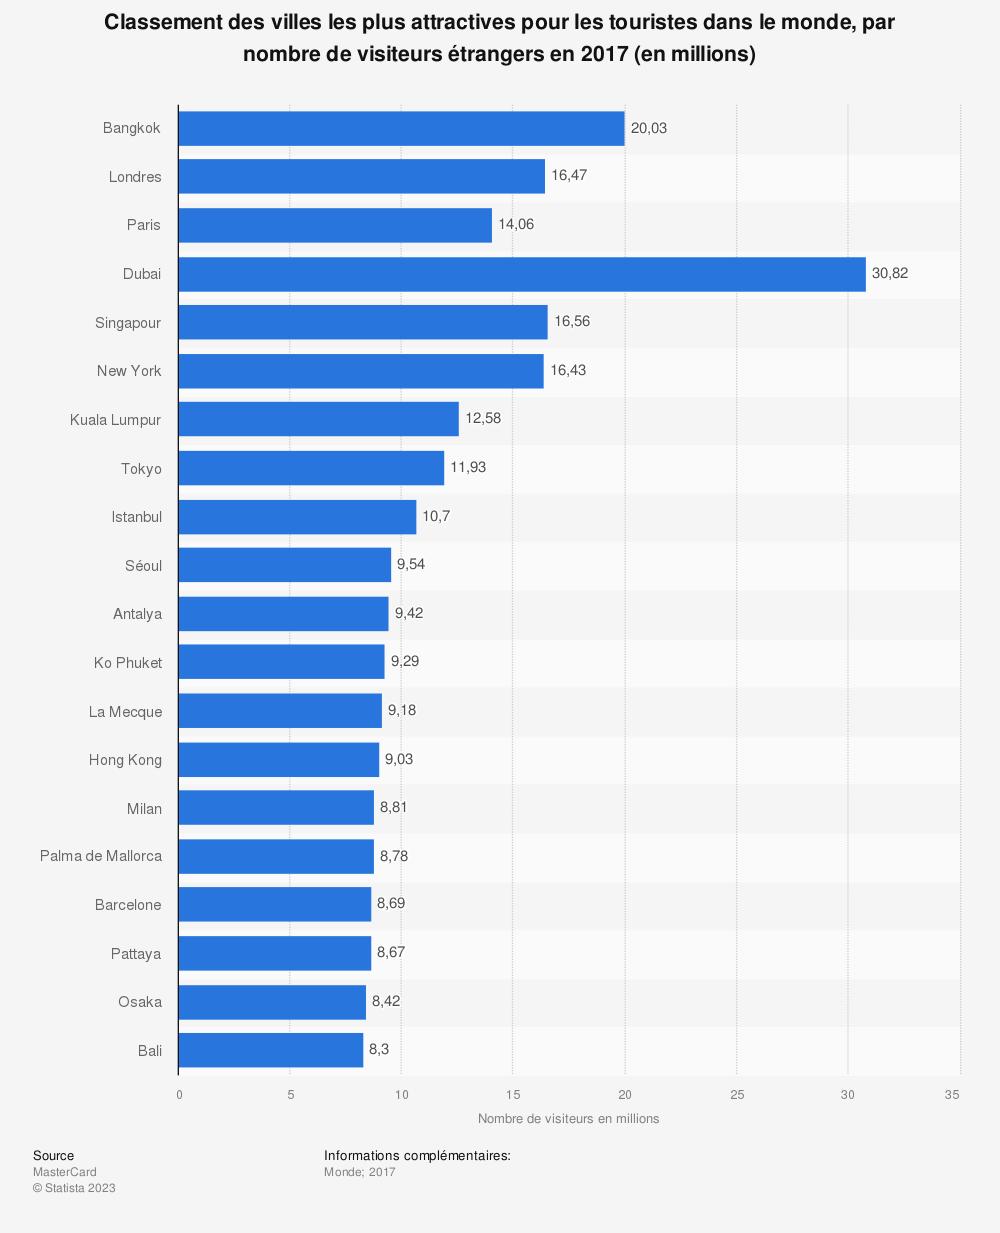 Statistique: Classement des villes les plus attractives pour les touristes dans le monde, par nombre de visiteurs étrangers en 2017 (en millions) | Statista